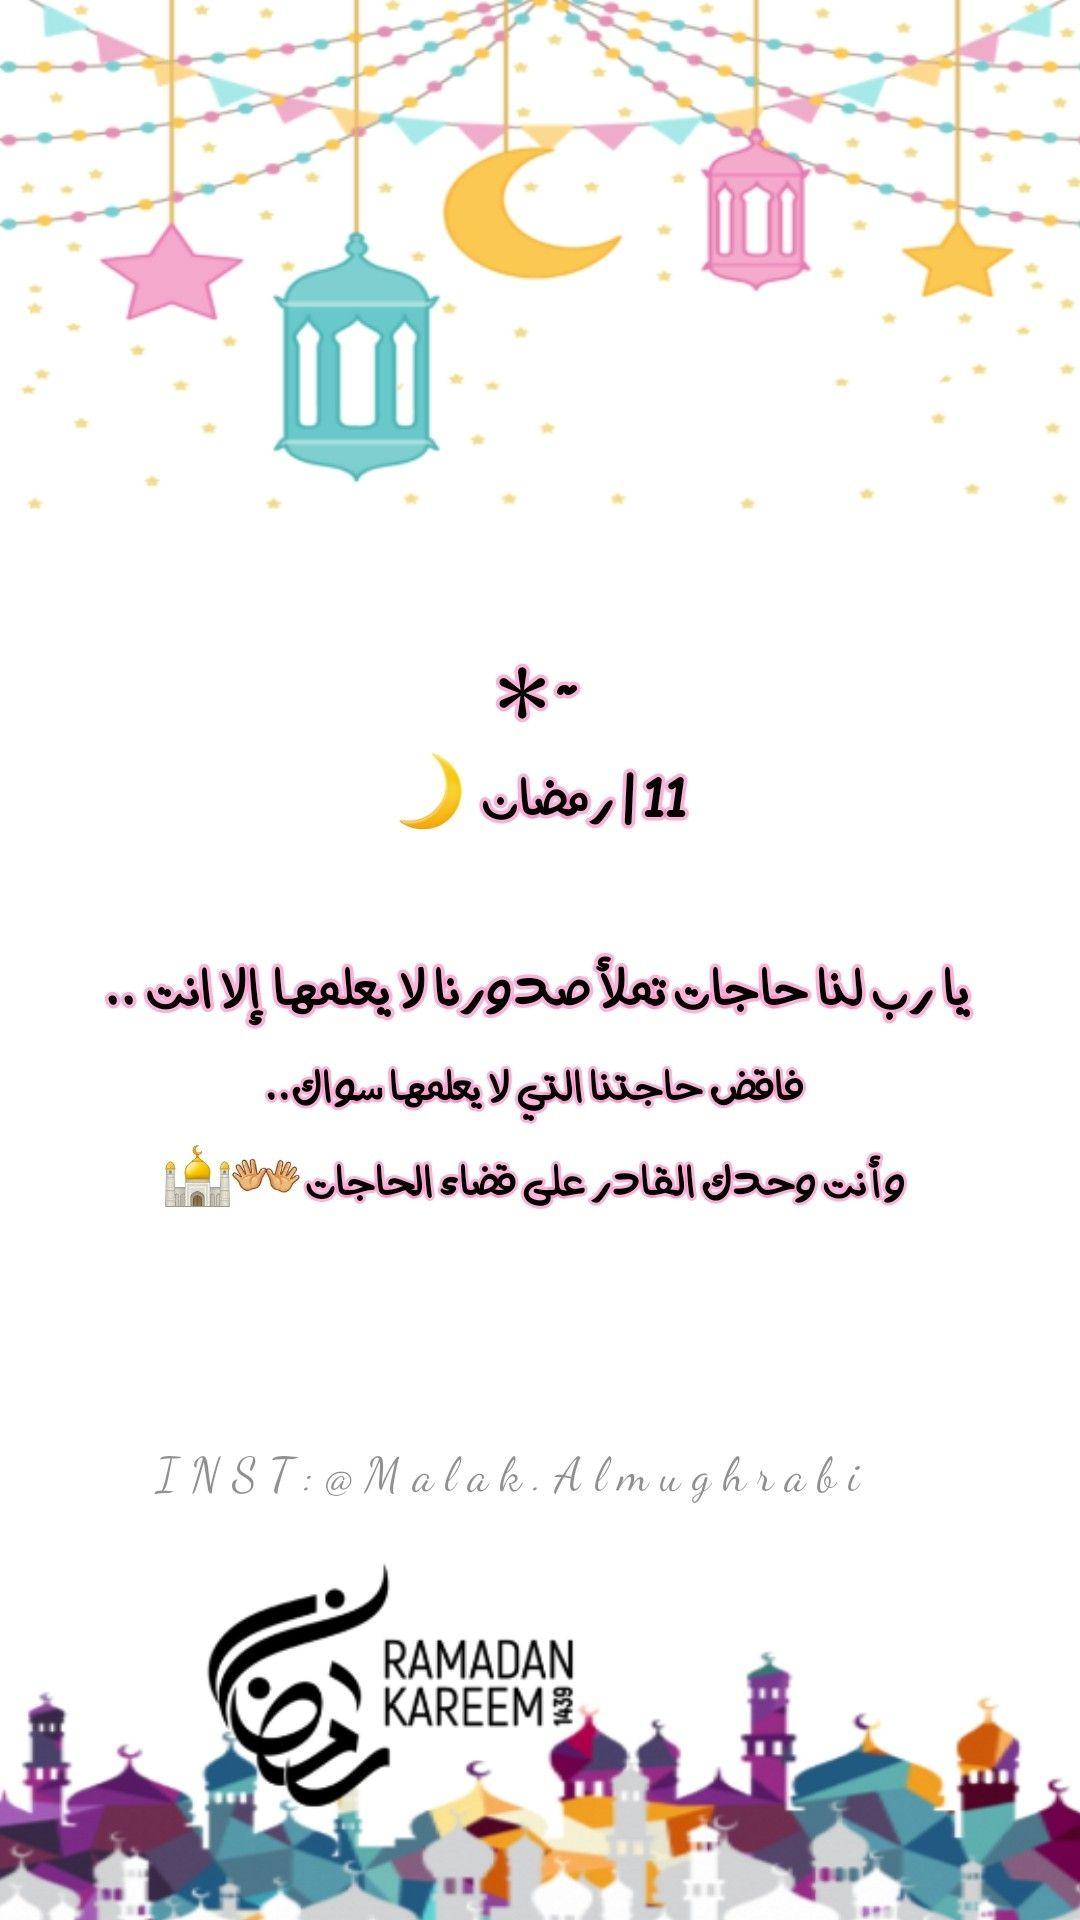 11 رمضان يا رب لنا حاجات تملأ صدورنا لا يعلمها إلا انت فاقض حاجتنا التي لا يعلمها سواك وأنت وحدك القا Ramadan Ramadan Kareem Ramadan Decorations